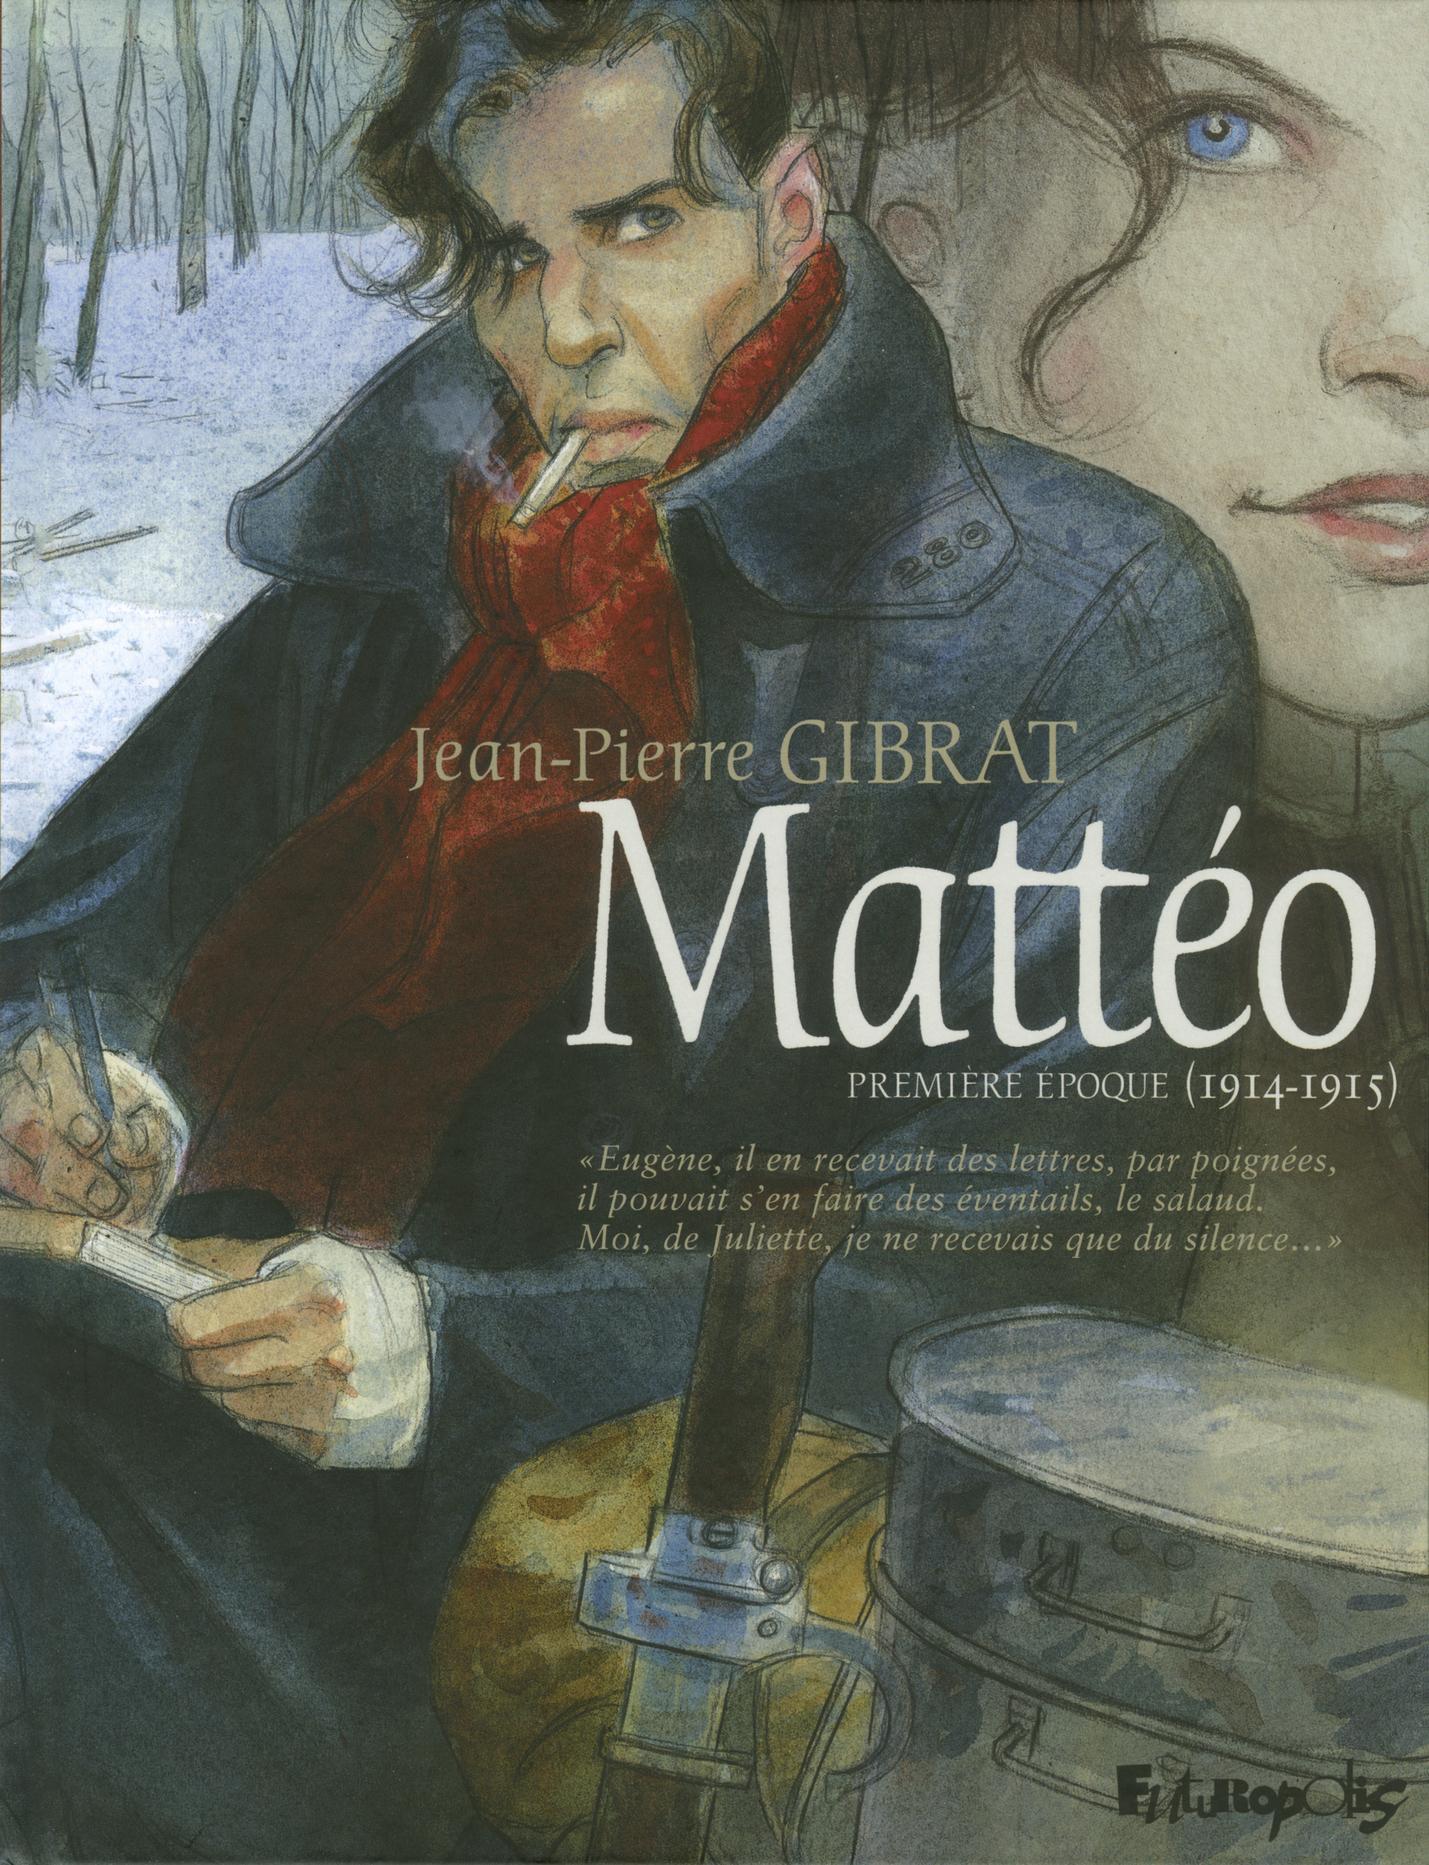 MATTEO (TOME 1-PREMIERE EPOQUE (1914-1915))